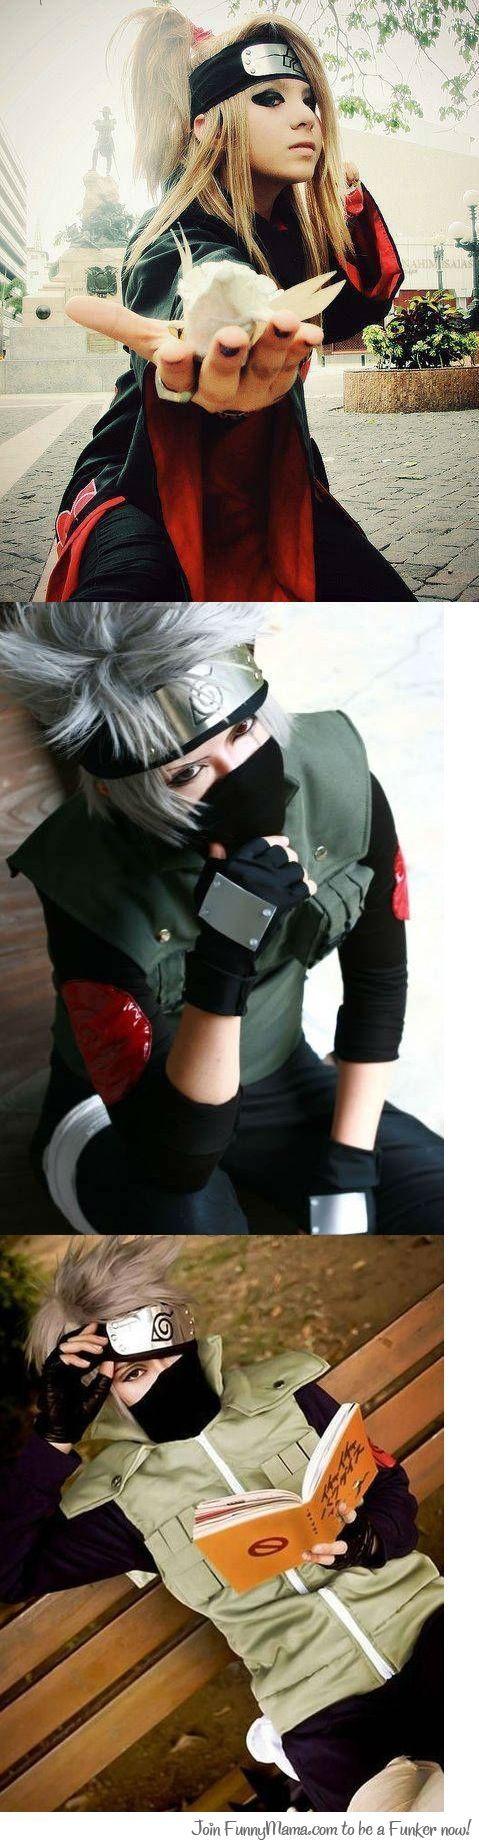 Deidara Kakashi #cosplay #otaku